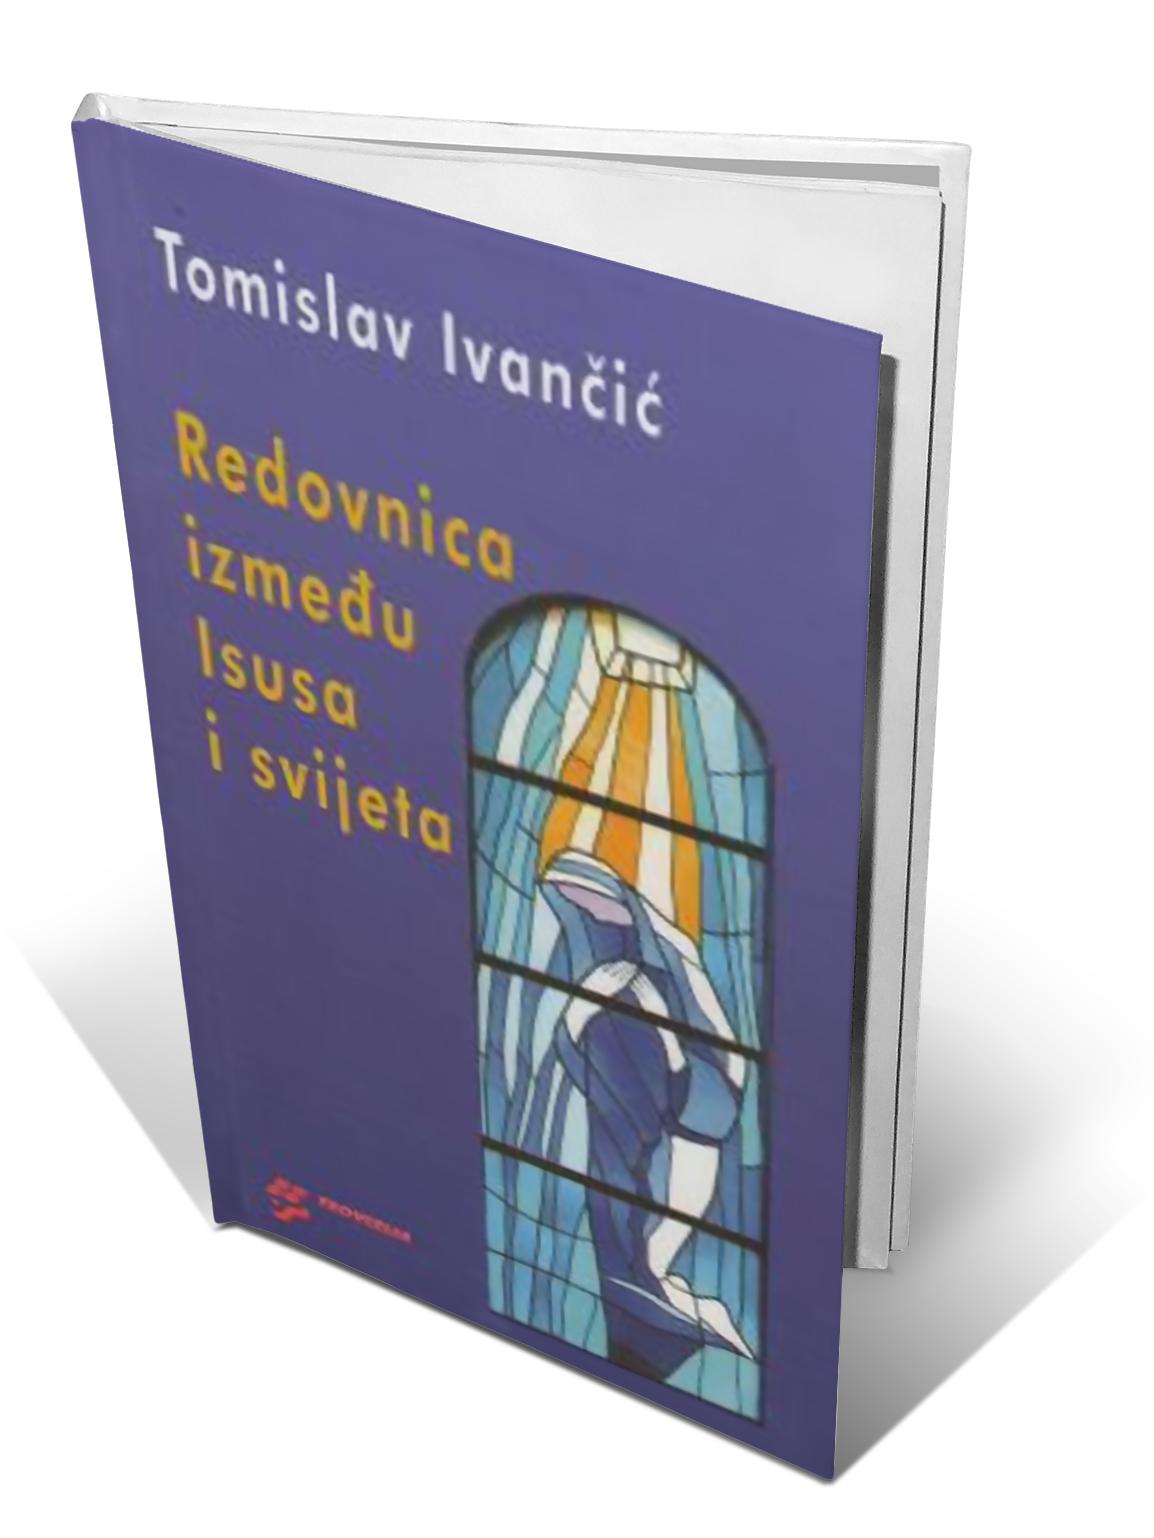 REDOVNICA IZMEĐU ISUSA I SVIJETA - Tomislav Ivančić